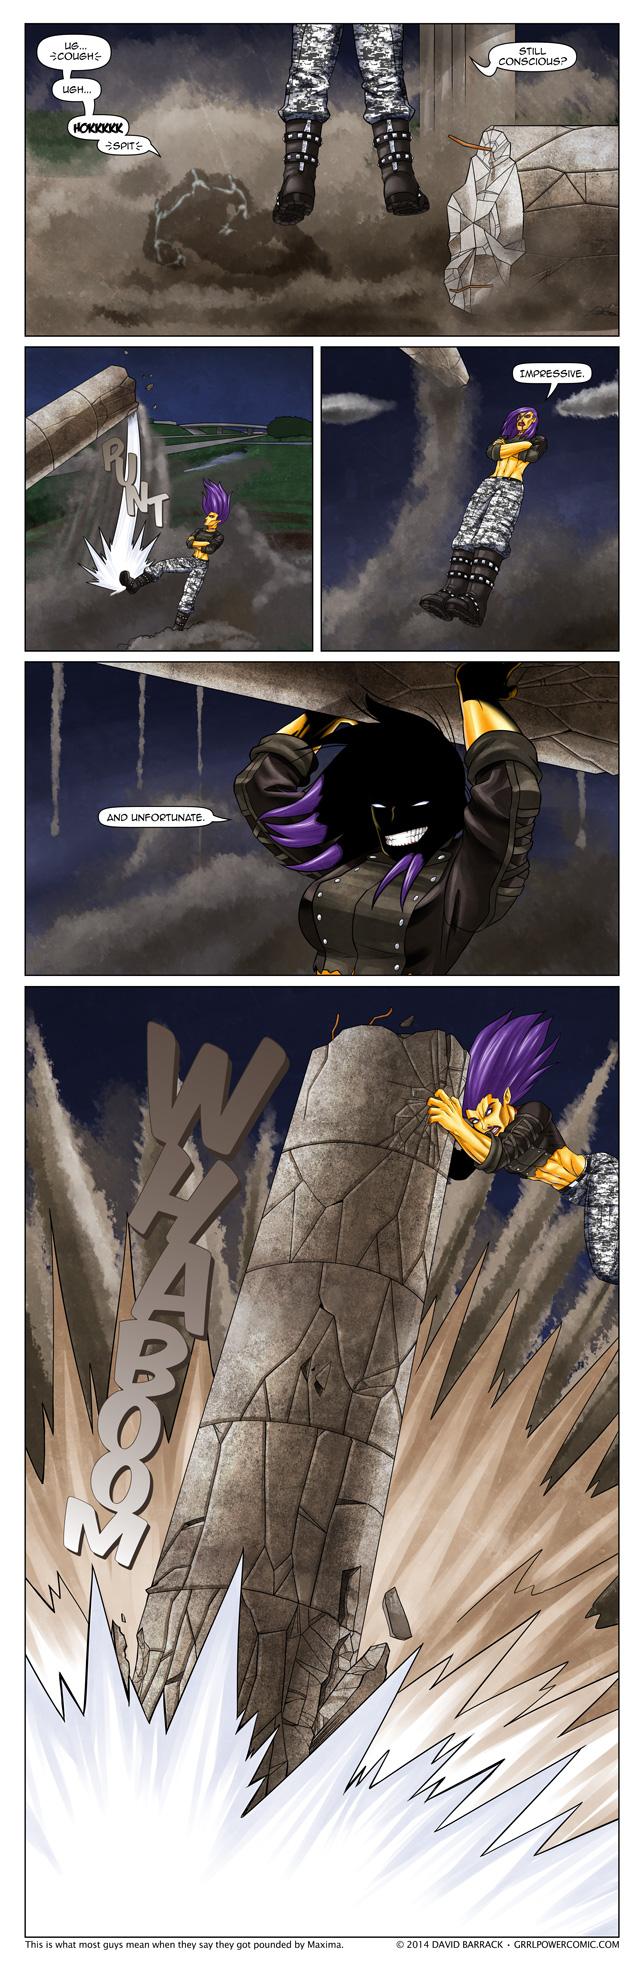 Grrl Power #261 – Pylondriver